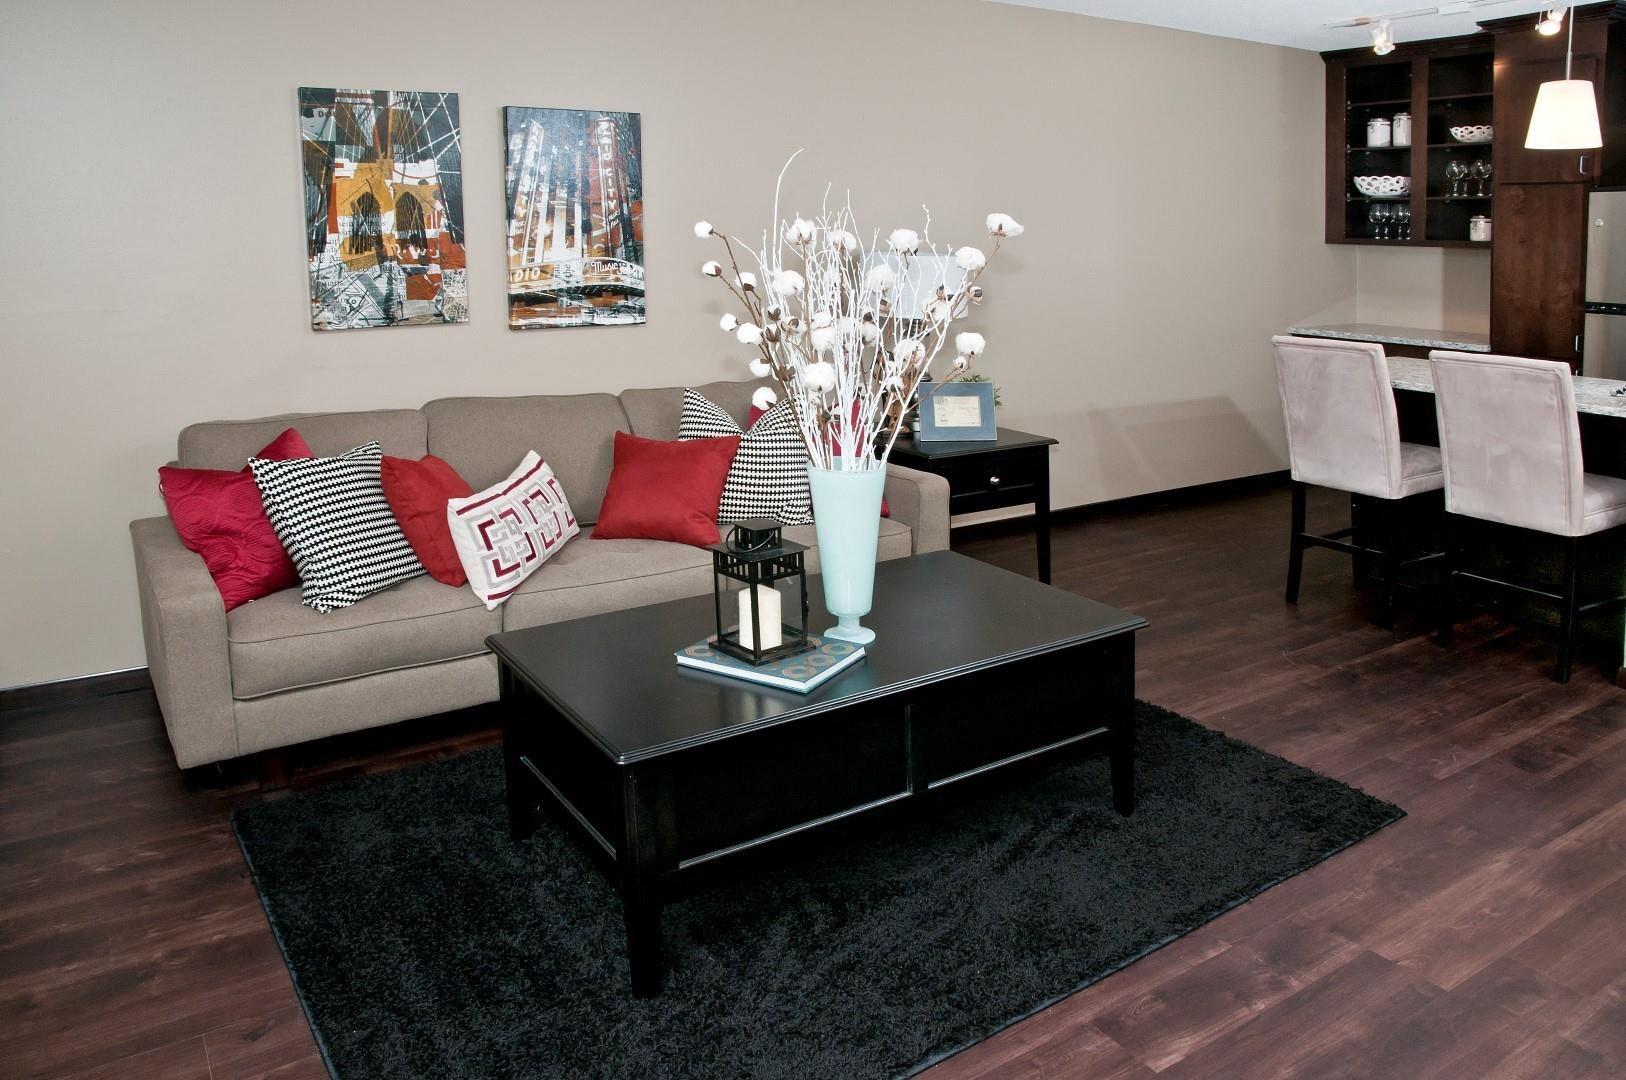 Deep Brown Hardwood Floors in Spacious Living Room in apartment in Minneapolis, MN